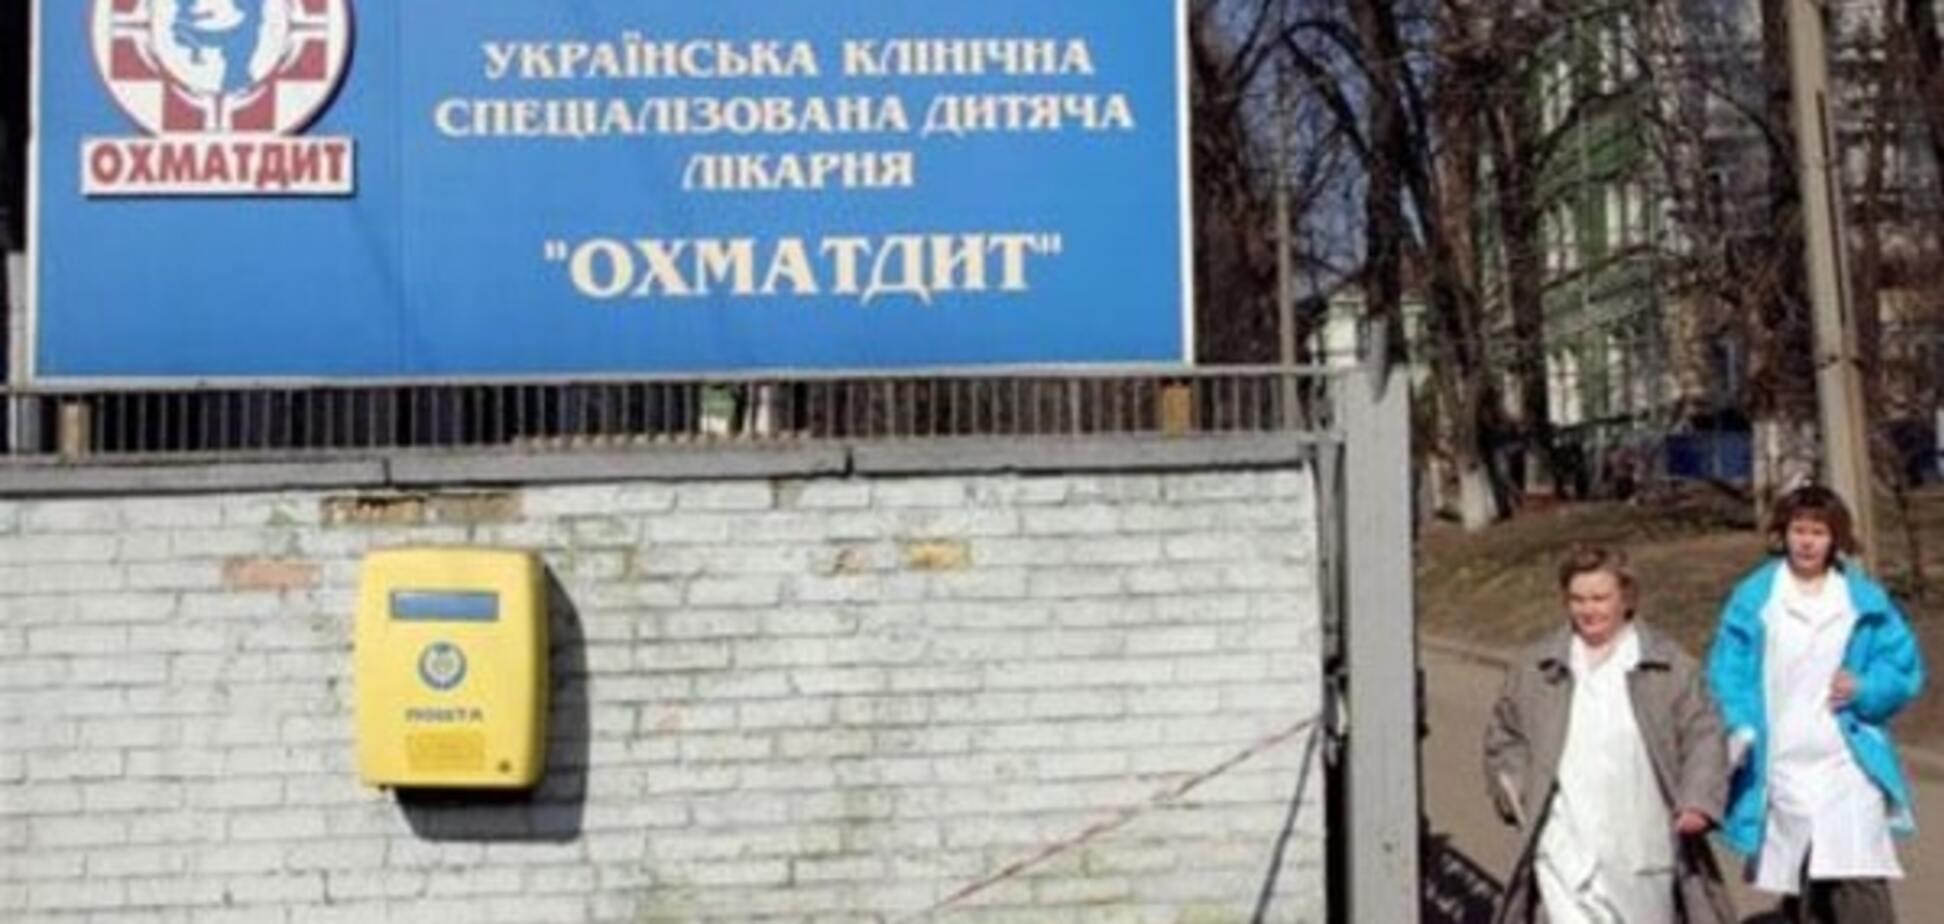 Строительством 'Охматдета' продолжает заниматься человек Януковича